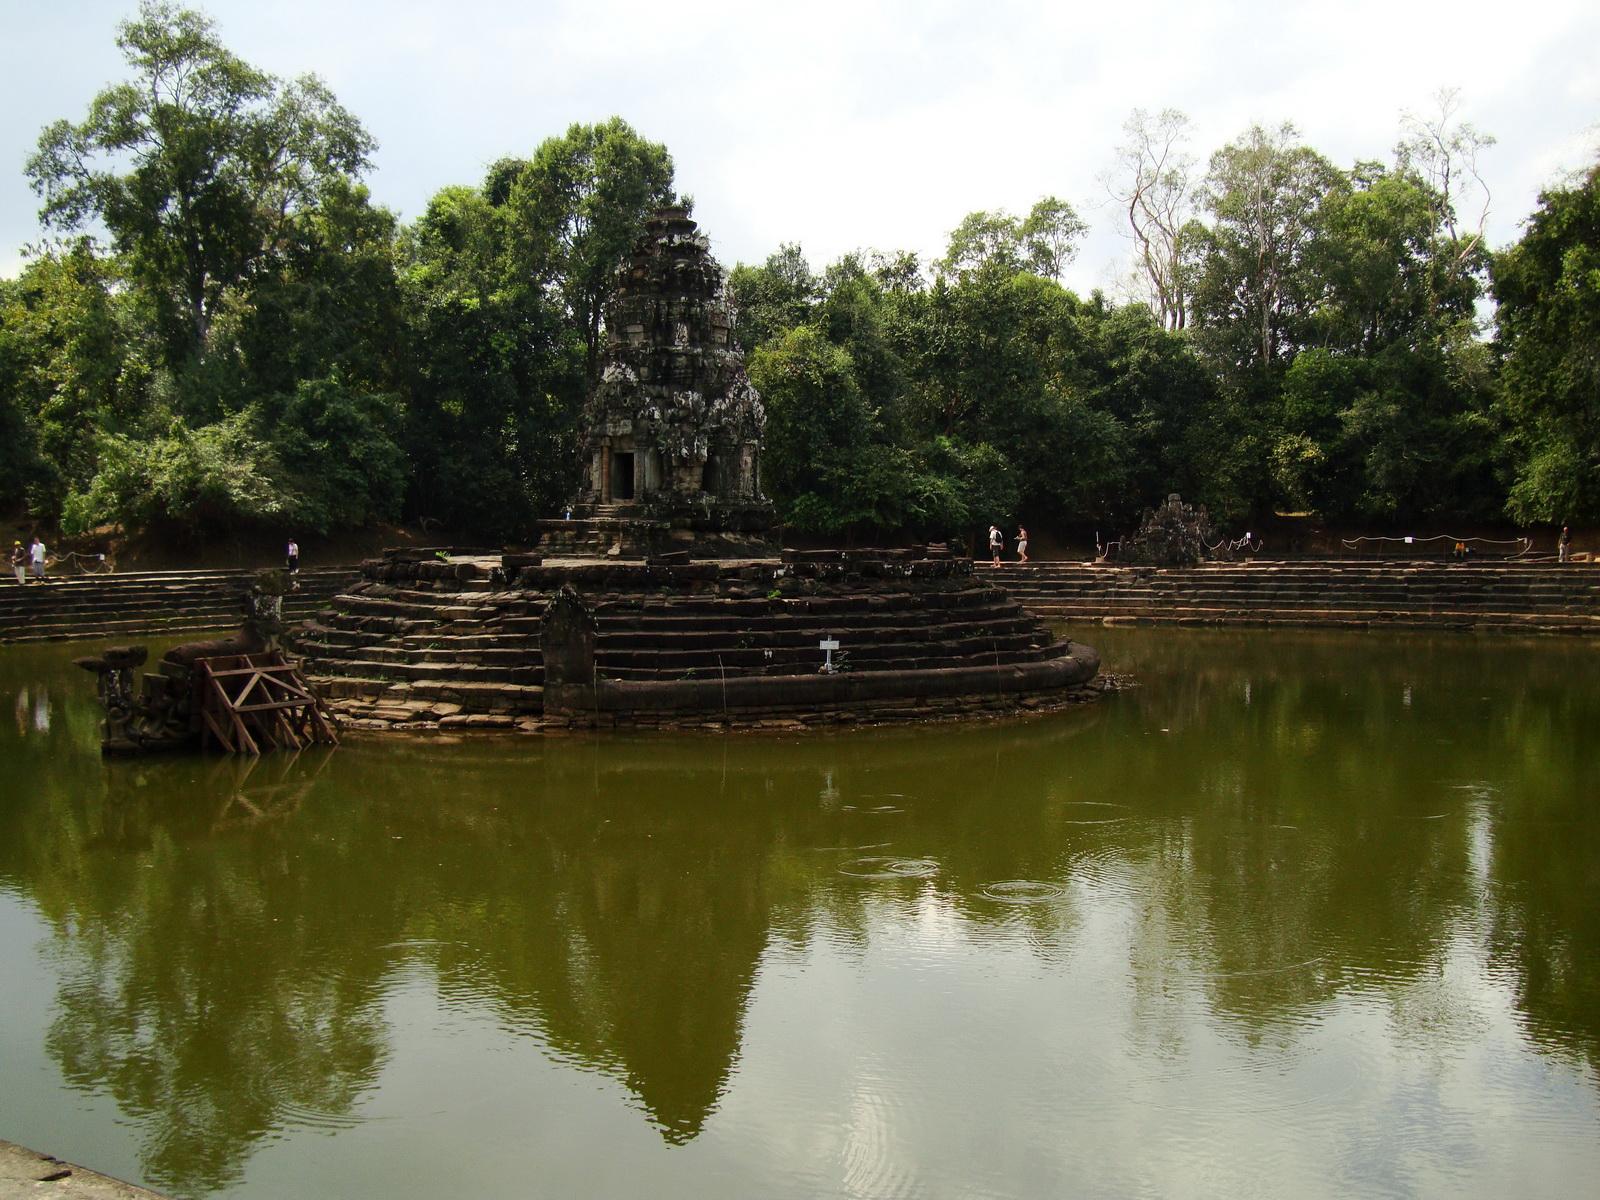 Neak Pean Temple Jaya Tadaka artificial lake Jan 2010 03